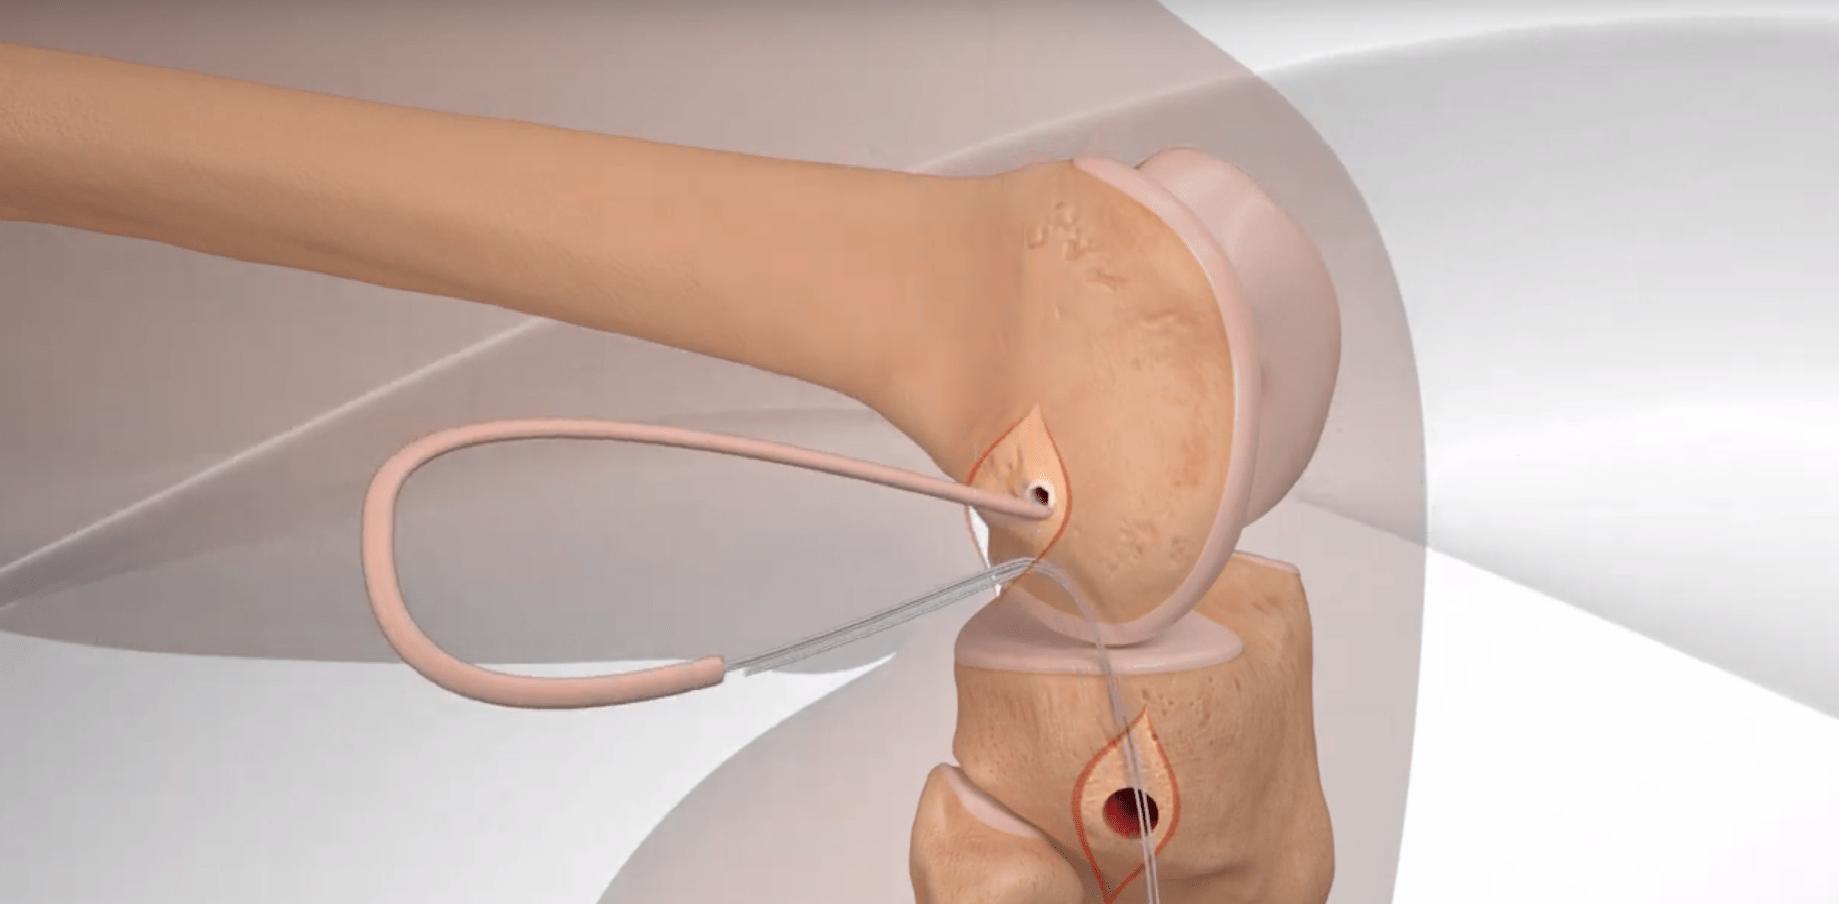 rekonstrukcja więzadła przednio-bocznego ALL